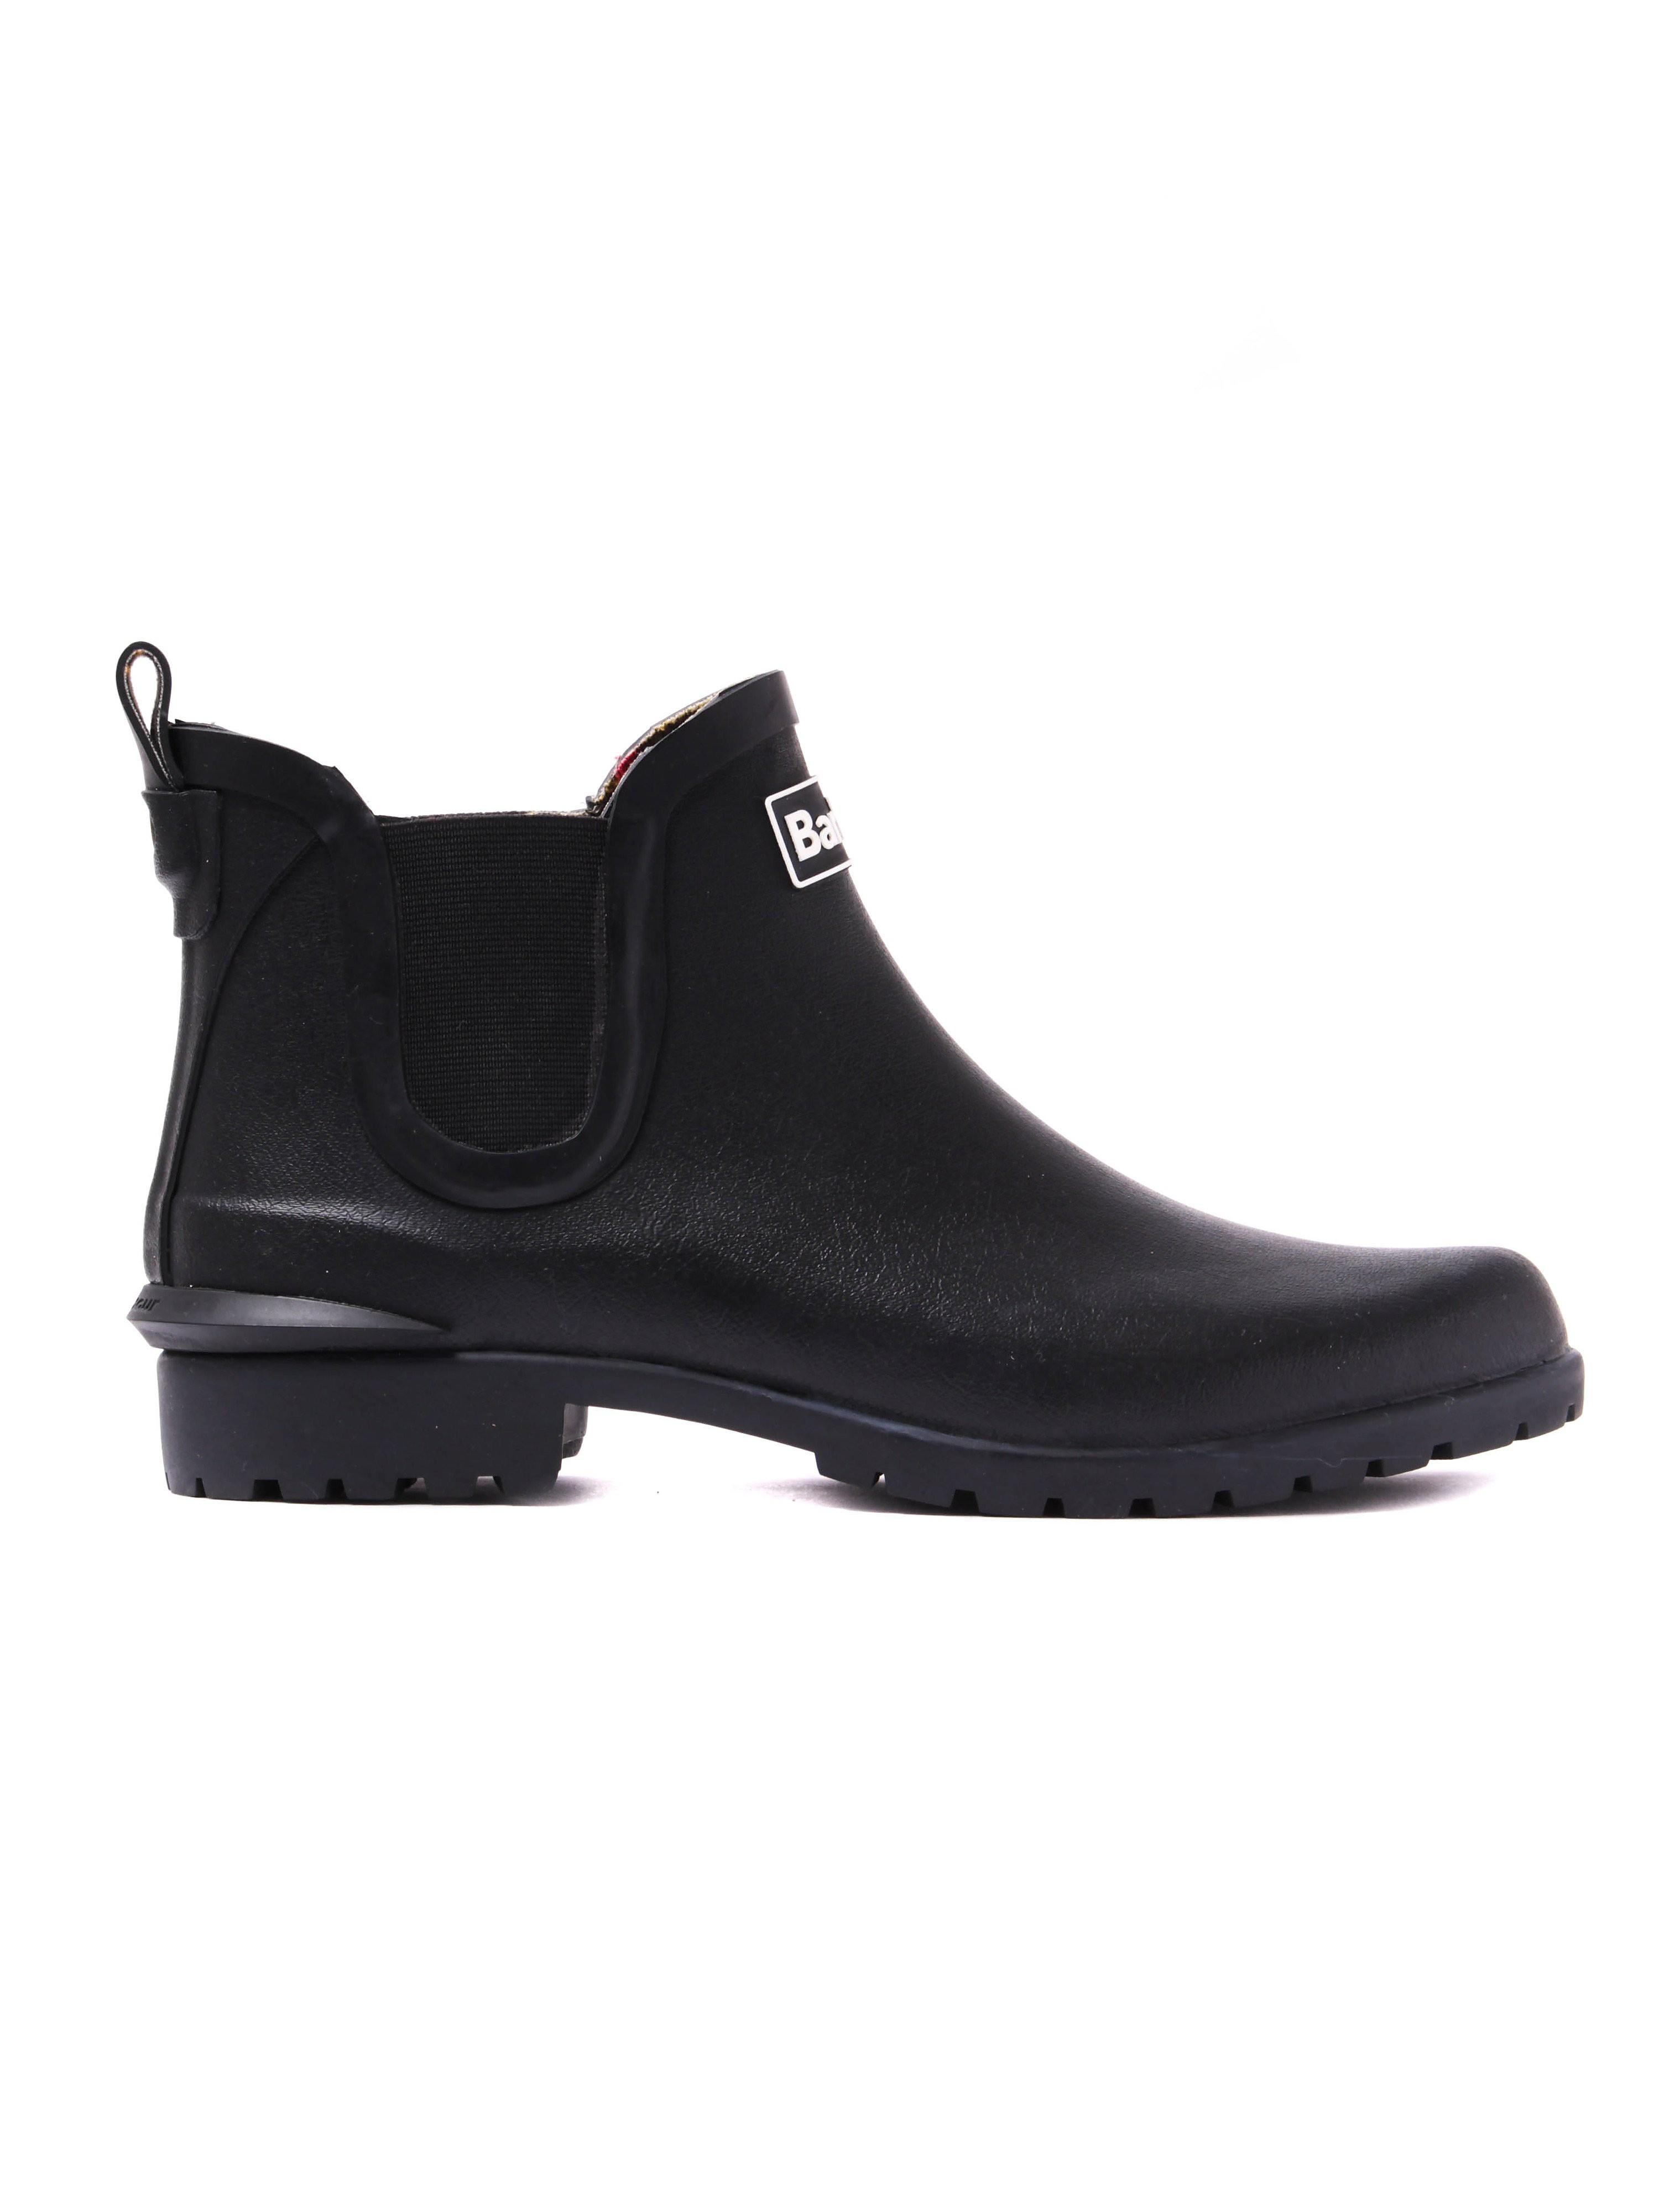 Barbour Women's Wilton Rubber Wellington Ankle Boot - Black